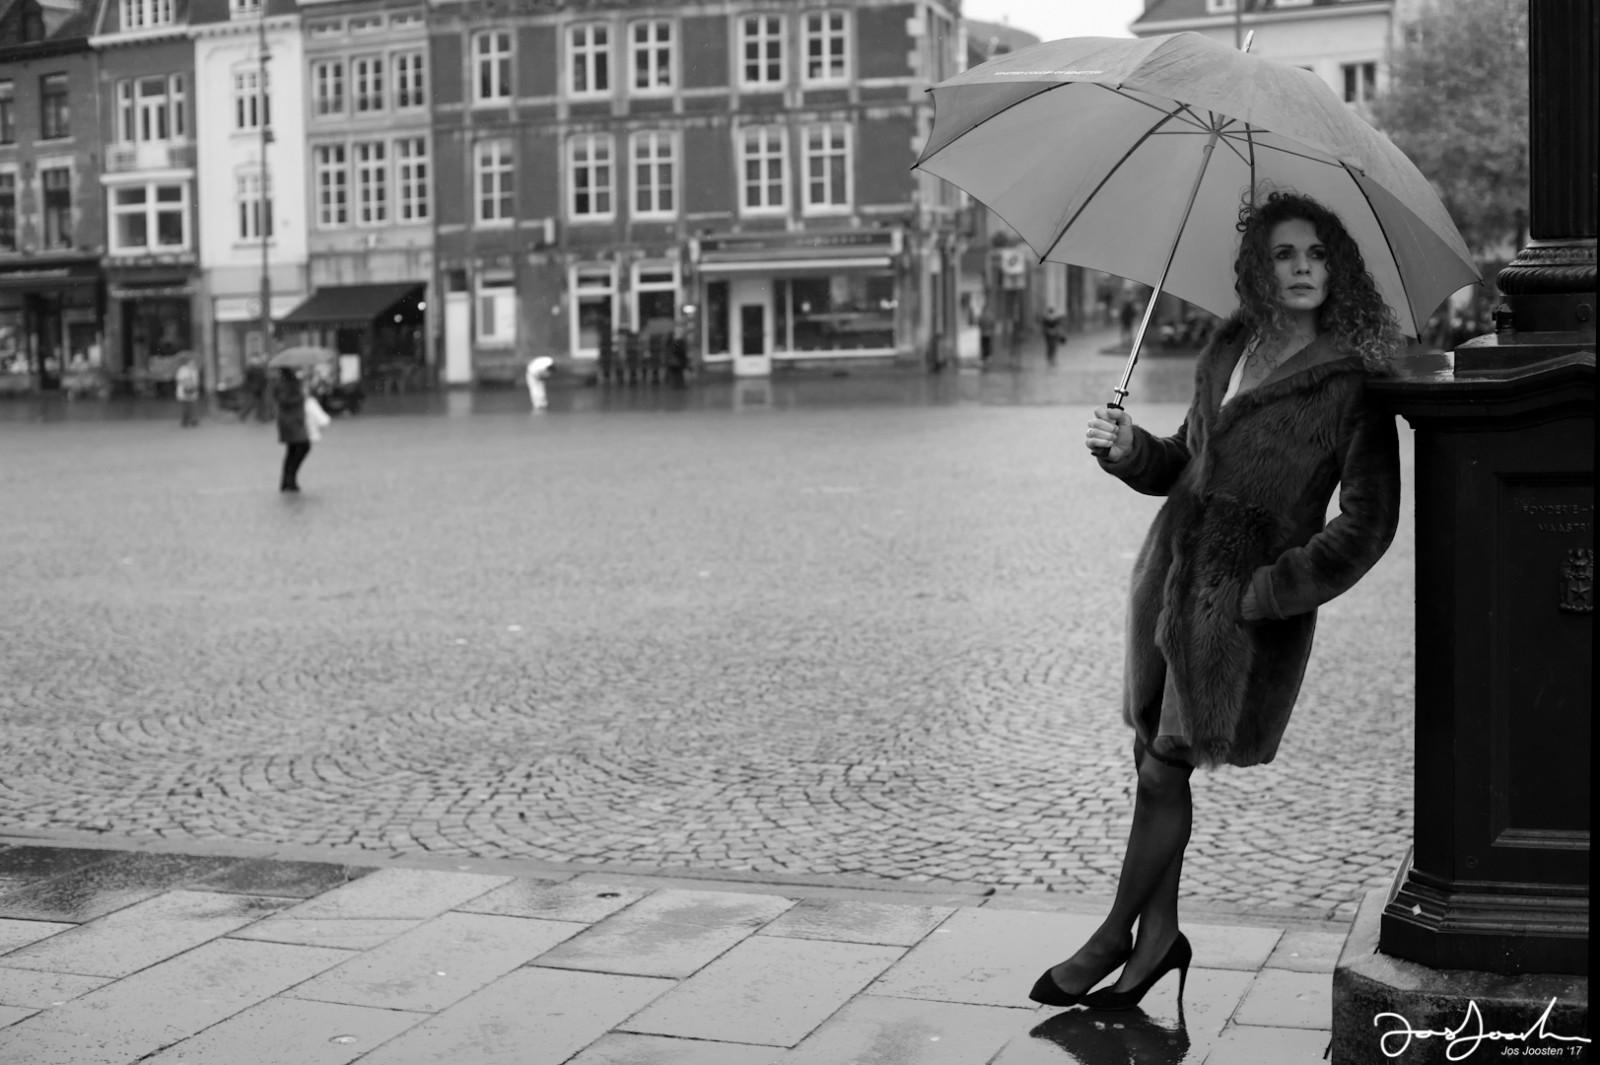 astrid-peter-lindbergh-woman-with-umbrella-made-bij-jos-joosten